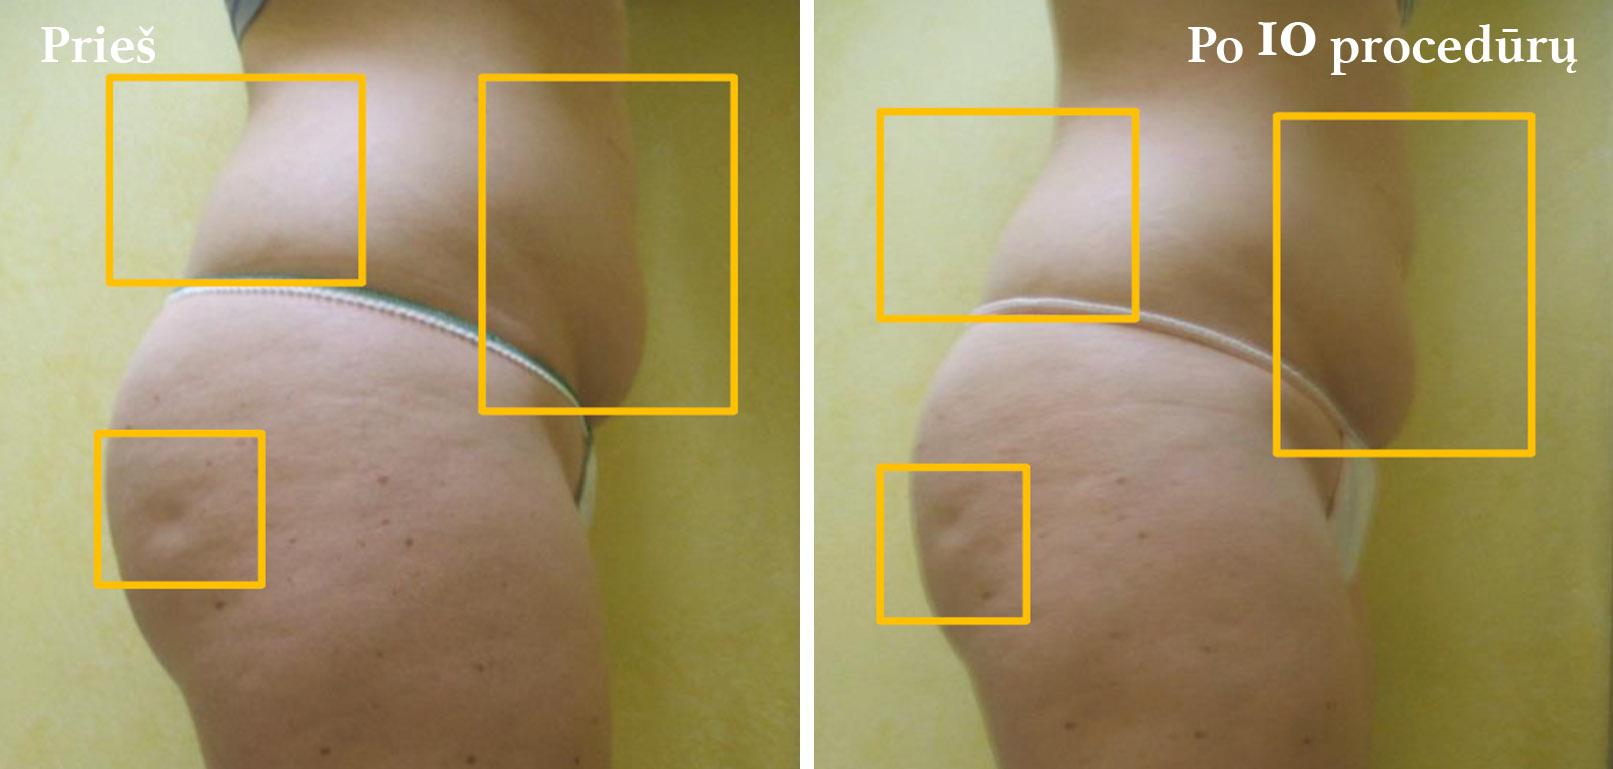 icoone-laser-kuno-veido-procedura-vilniuje-pigiau-geriausia-klinika